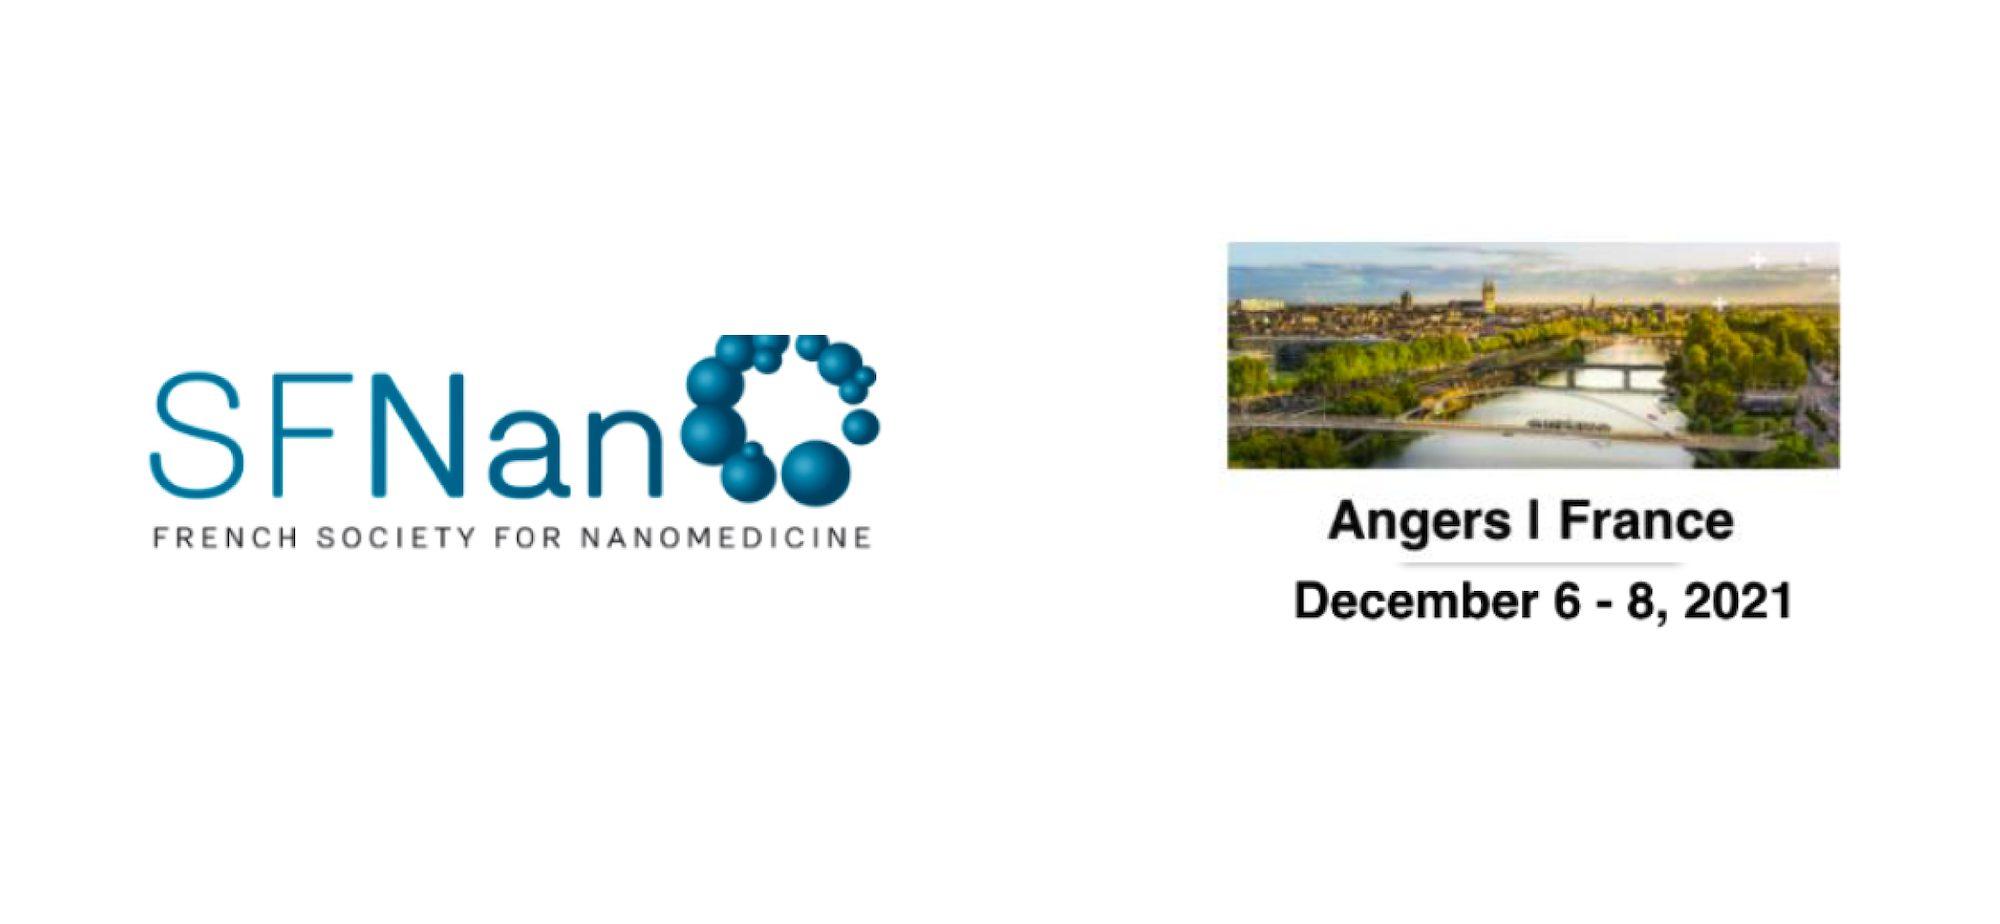 SF Nano 7th. annual event – Dec. 6-8, 2021